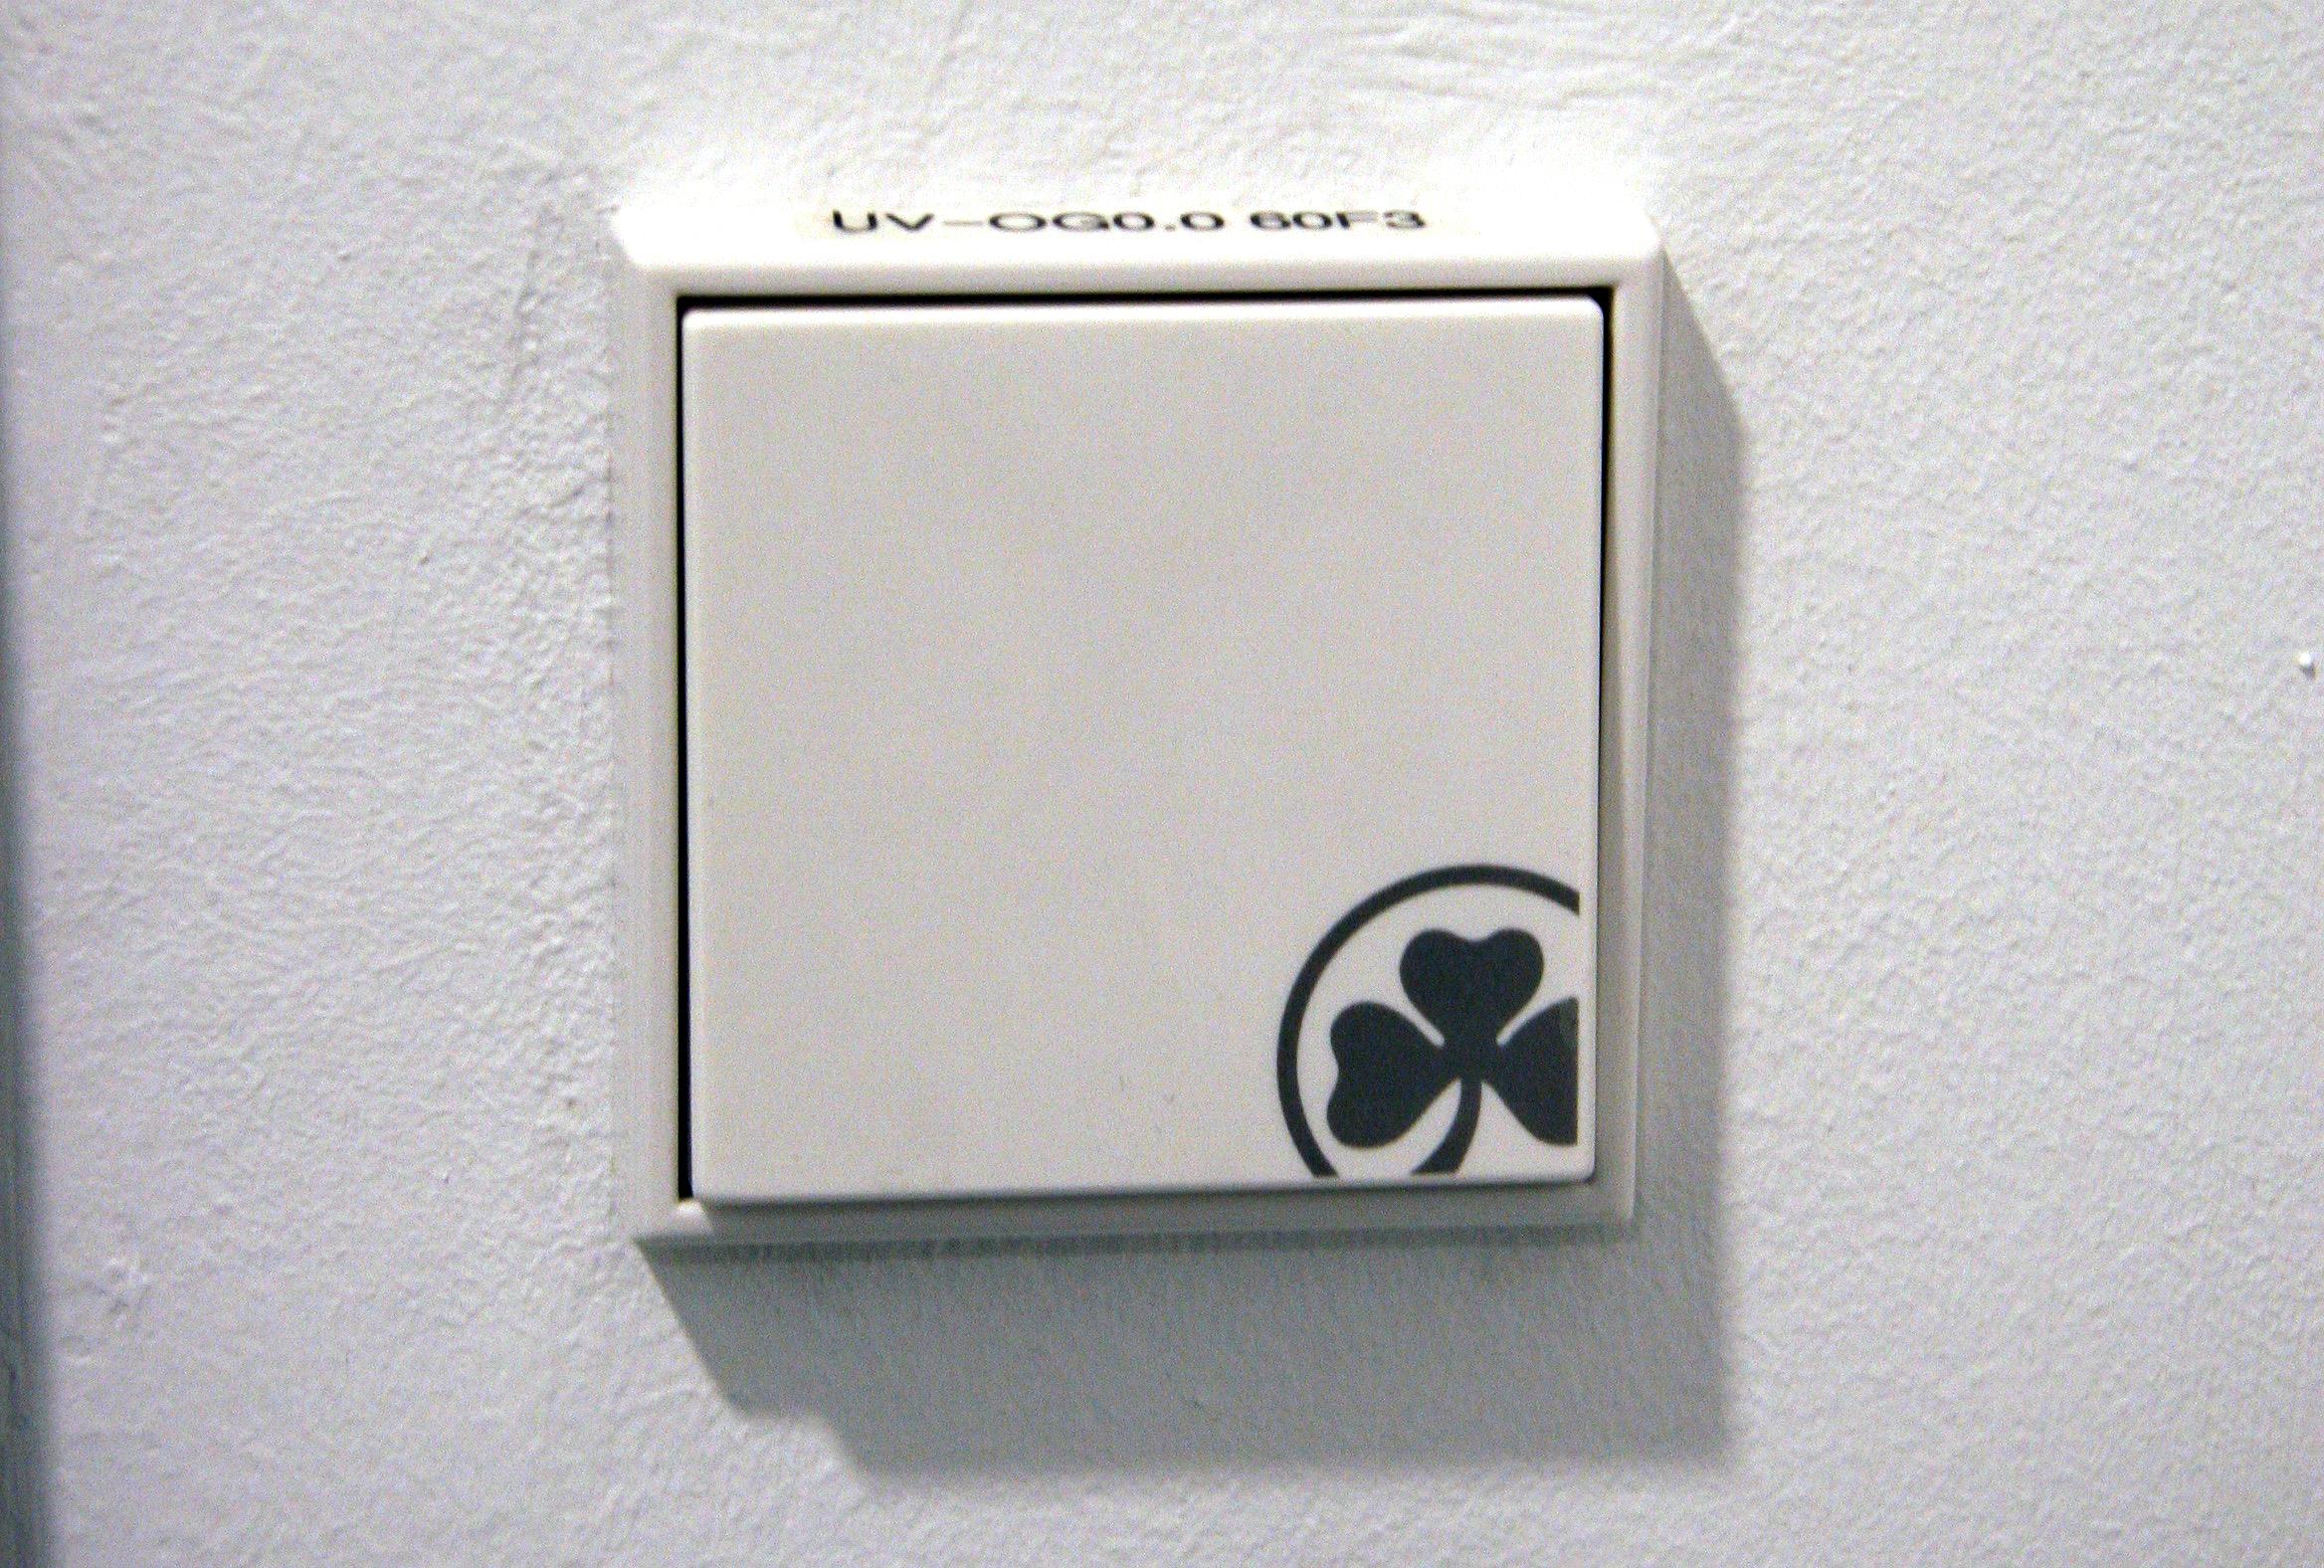 Ausgezeichnet Einzelner Schalter Roter Draht Ideen ...